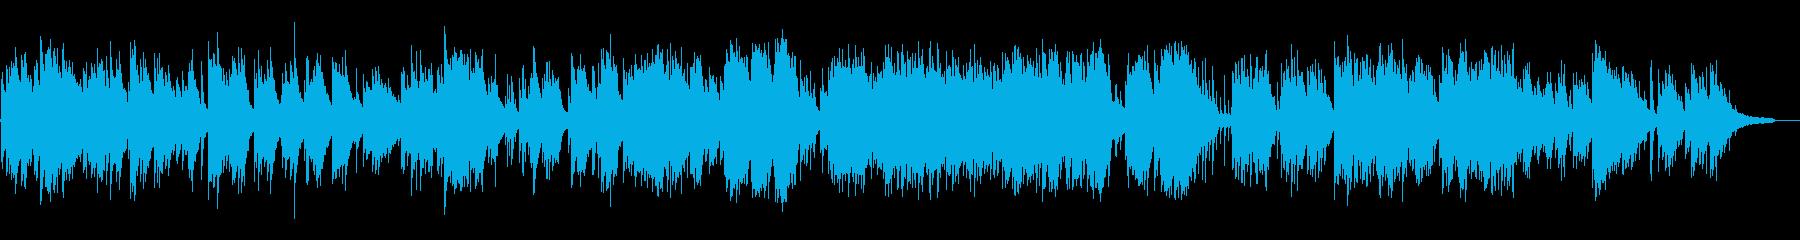 暖かく静かな日常的なピアノソロの再生済みの波形